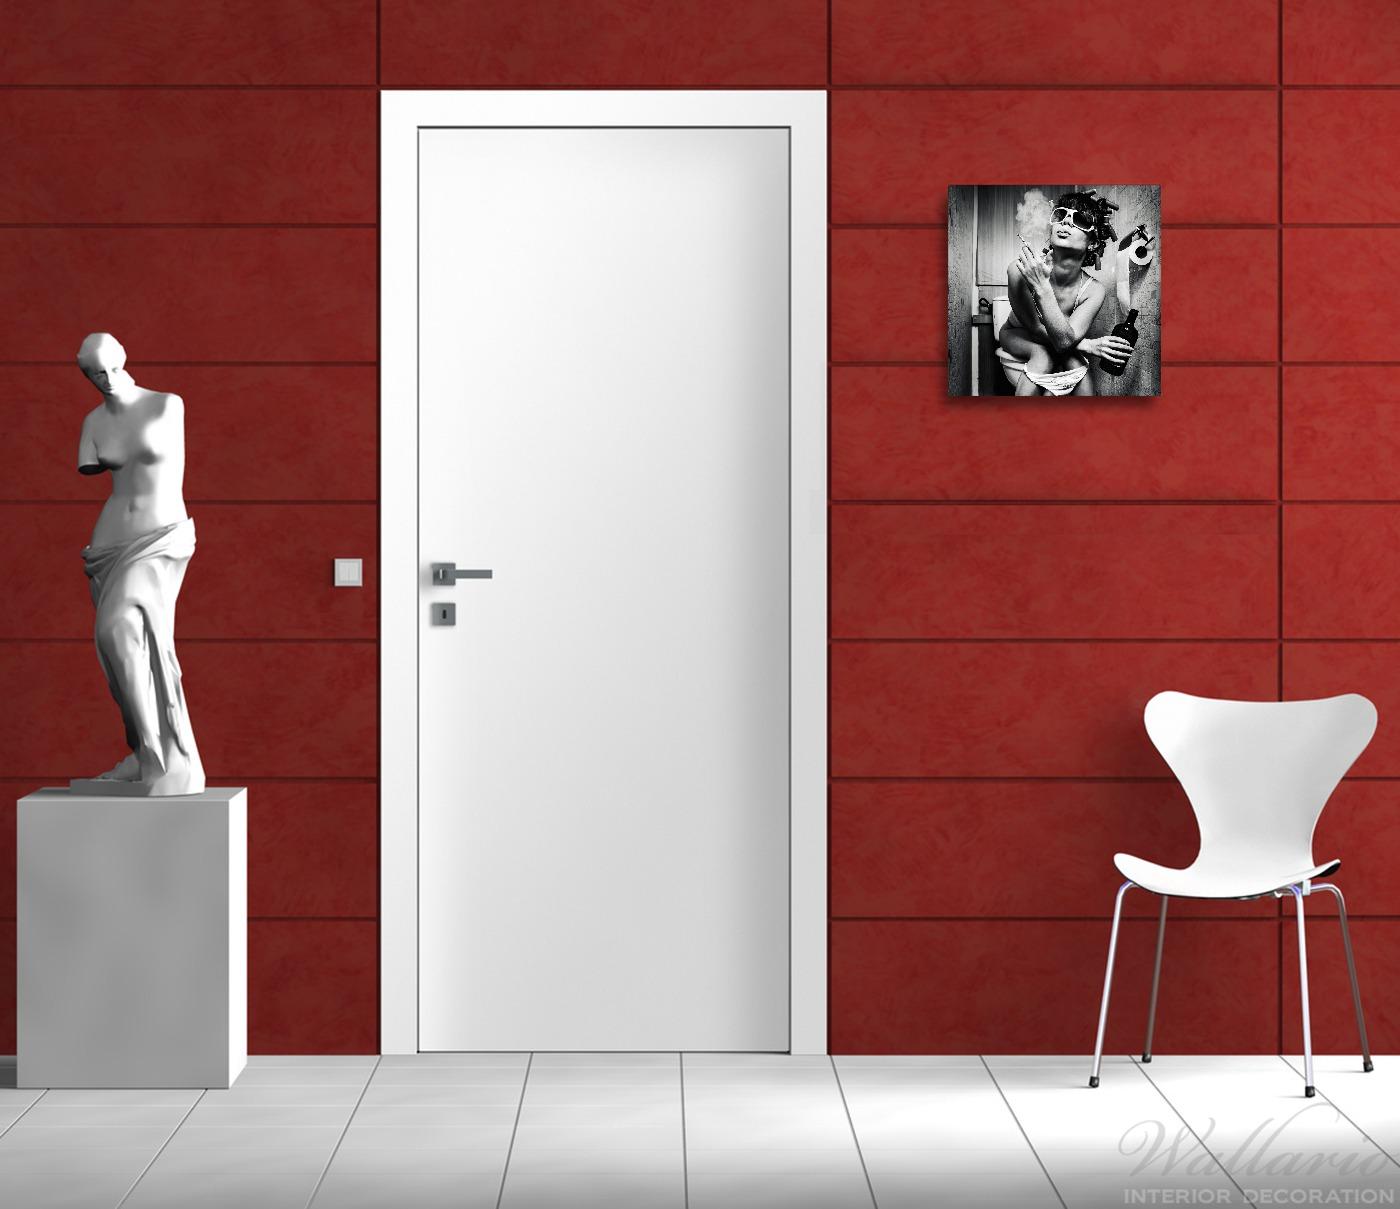 Acrylglasbild Kloparty - Sexy Frau auf Toilette mit Zigarette und Schnaps – Bild 2